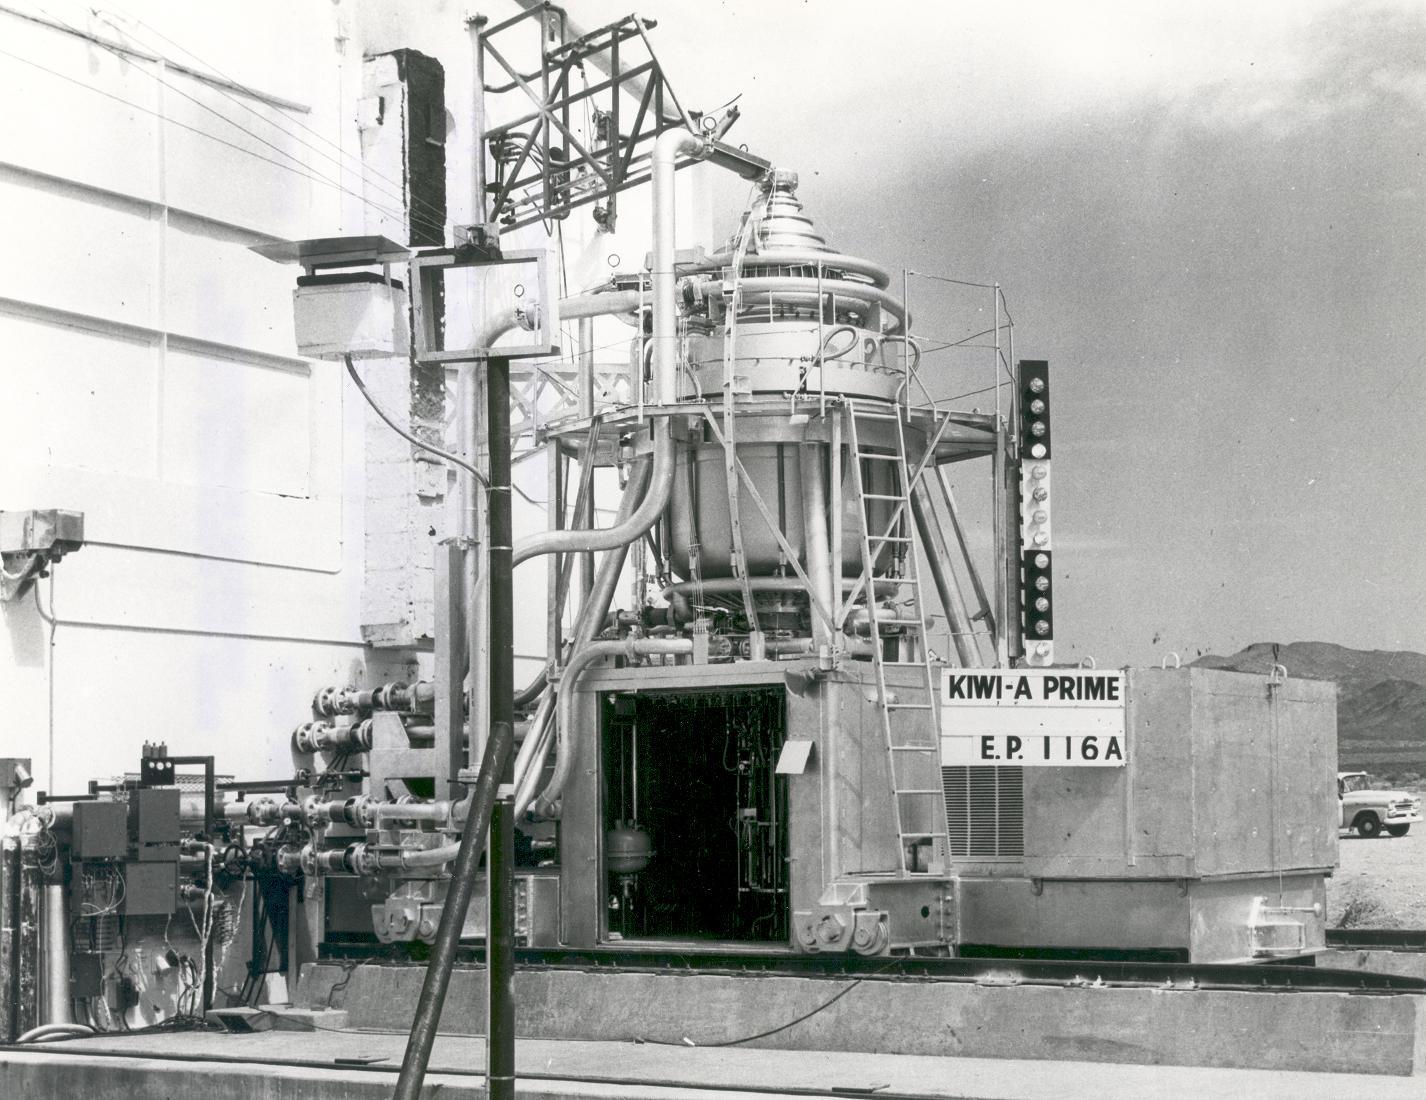 chernobyl reactor stalker